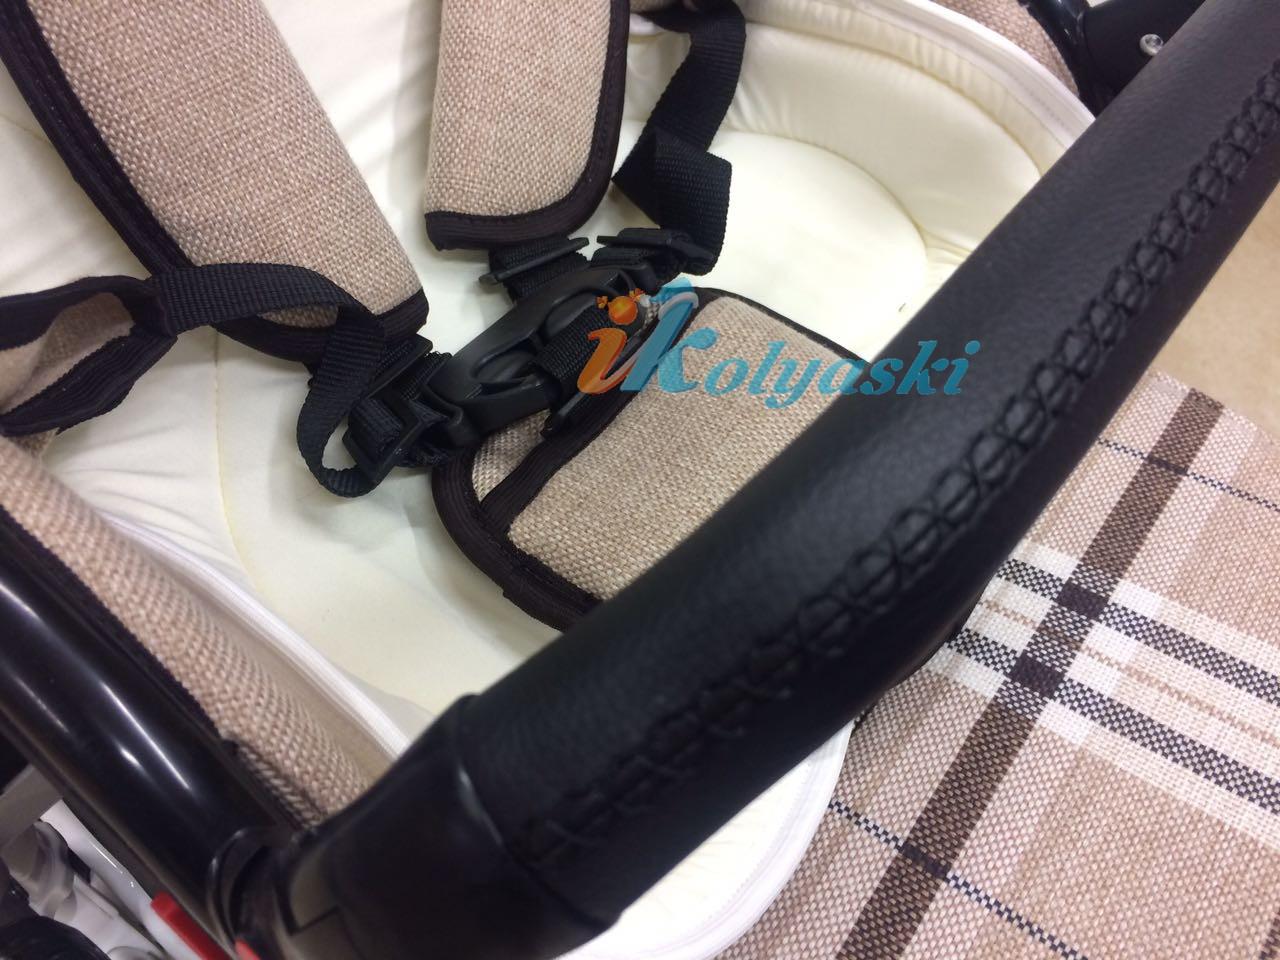 Little Trek Avenir фирменная, оригинальная, Детская спальная коляска для новорожденных два в одном 2 в 1 Литтл Трек Авенир. В прогулочном блоке 5-ти точечная система ремней безопасности, вкладыш из бамбукового волокна на лето и для самых маленьких, бампер съемный,  регулируемый, 7 положений по высоте, обтянут экокожей